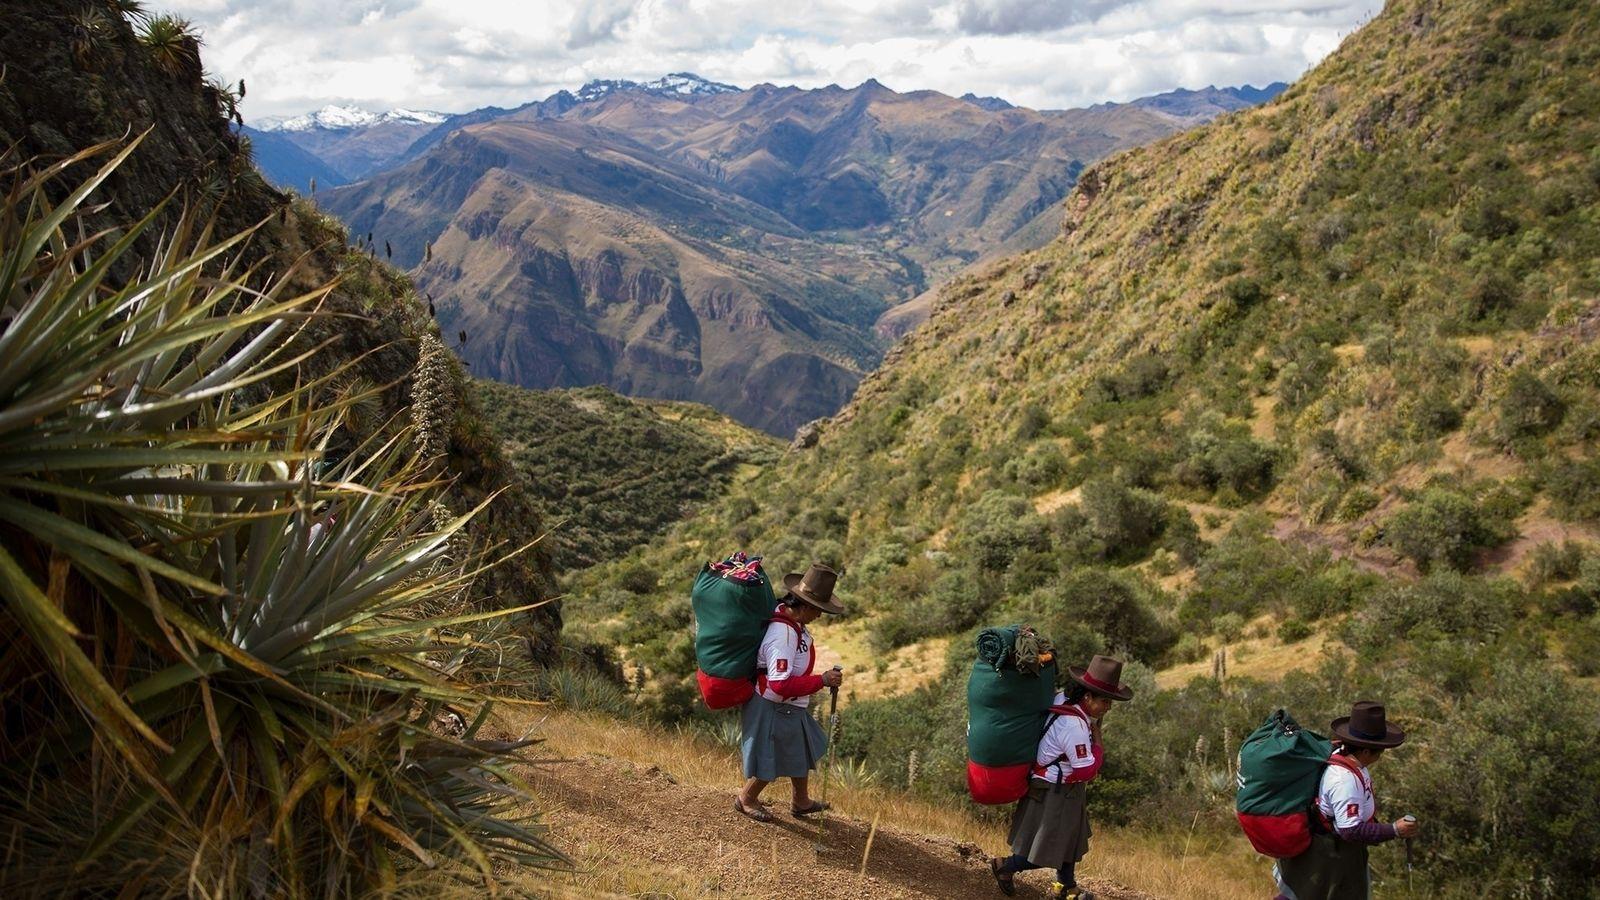 Porteadoras en los Andes peruanos